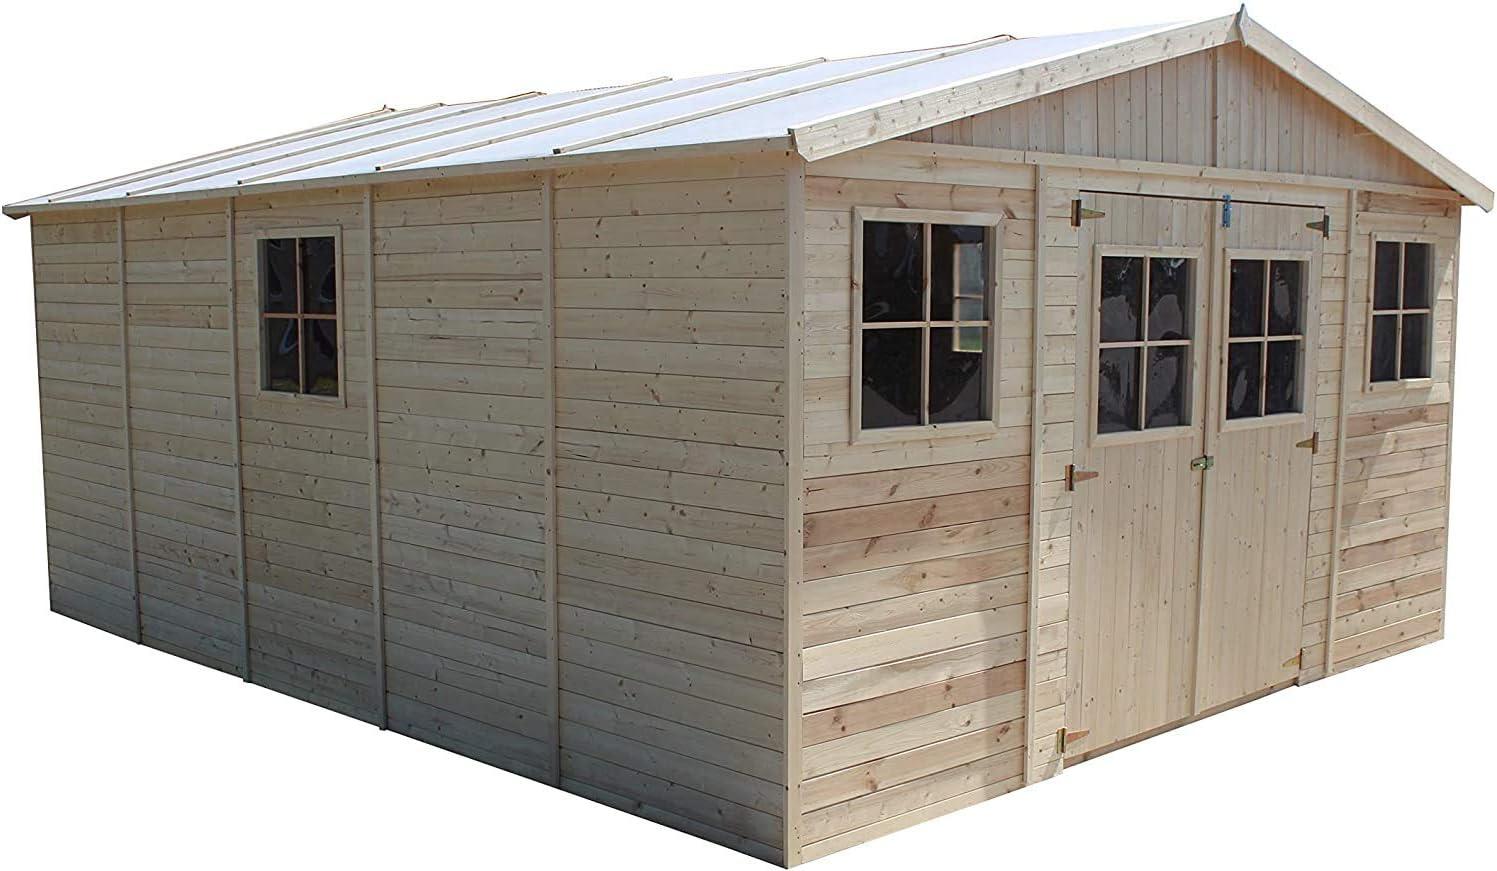 TIMBELA Abri de Jardin en Bois Naturel - Stockage extérieur avec fenêtres- H246x518x420 cm/20 m²-Hangar en Bois Naturel - Atelier Rangement Outils et vélos M333